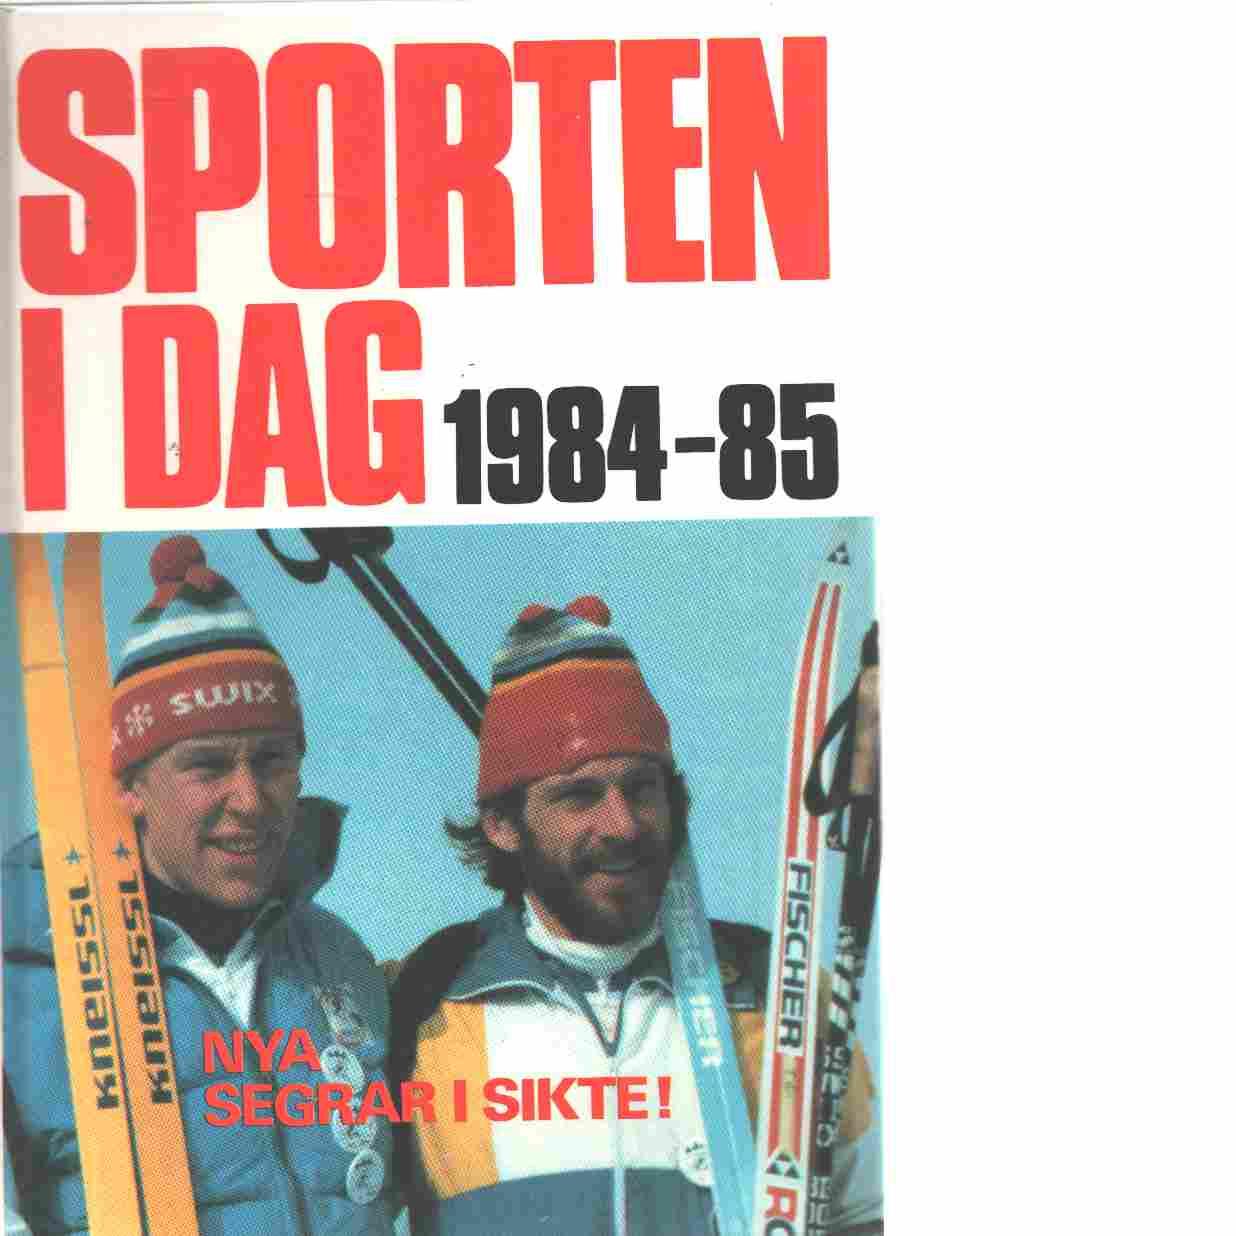 Sporten idag  1984 - 85 - Red,